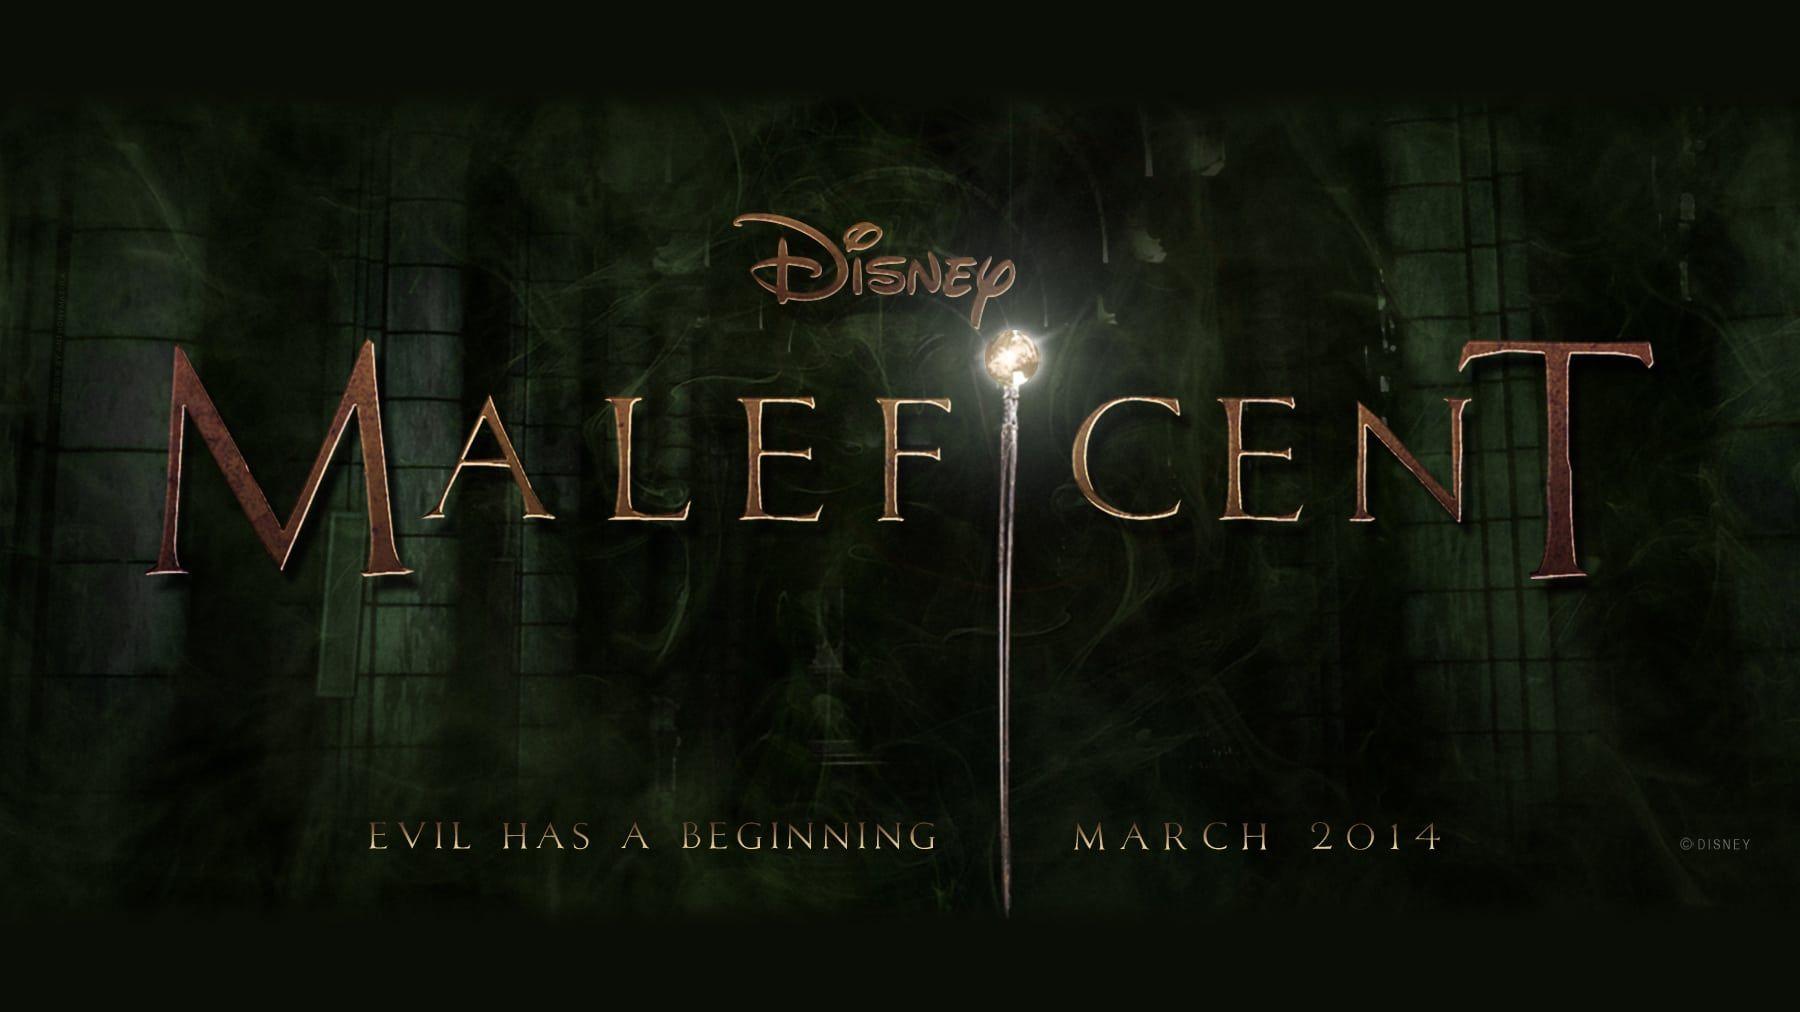 Maleficent 2014 Streaming Ita Cb01 Film Completo Italiano Altadefinizione La Rilettura Della Bella Addorm Full Movies Online Free Free Movies Online Maleficent